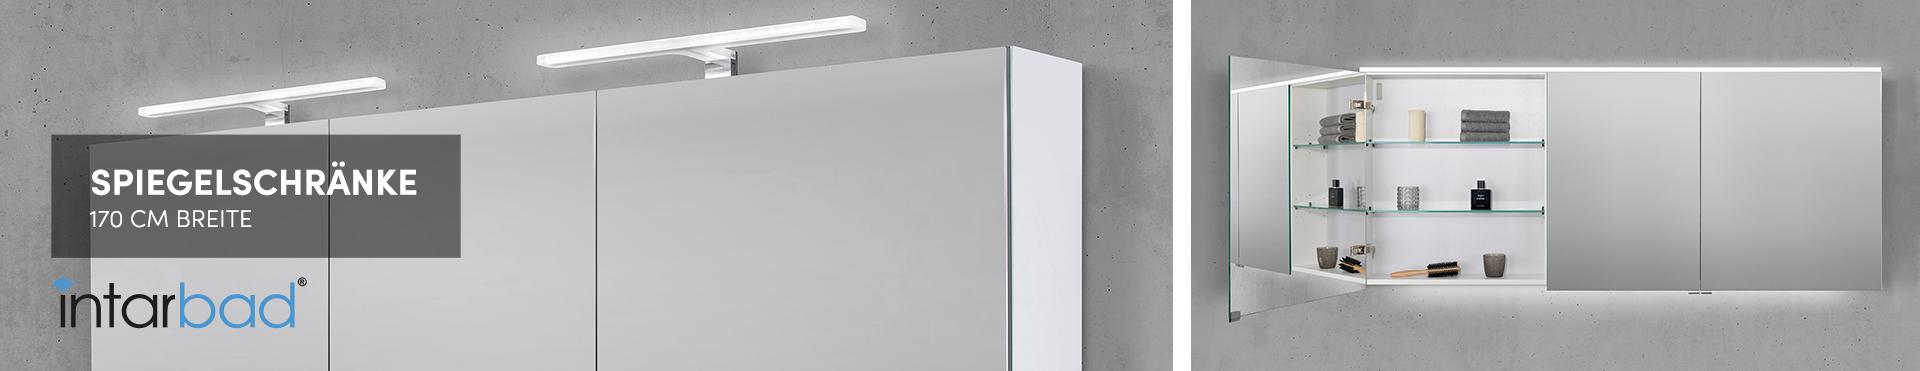 170 cm Spiegelschränke